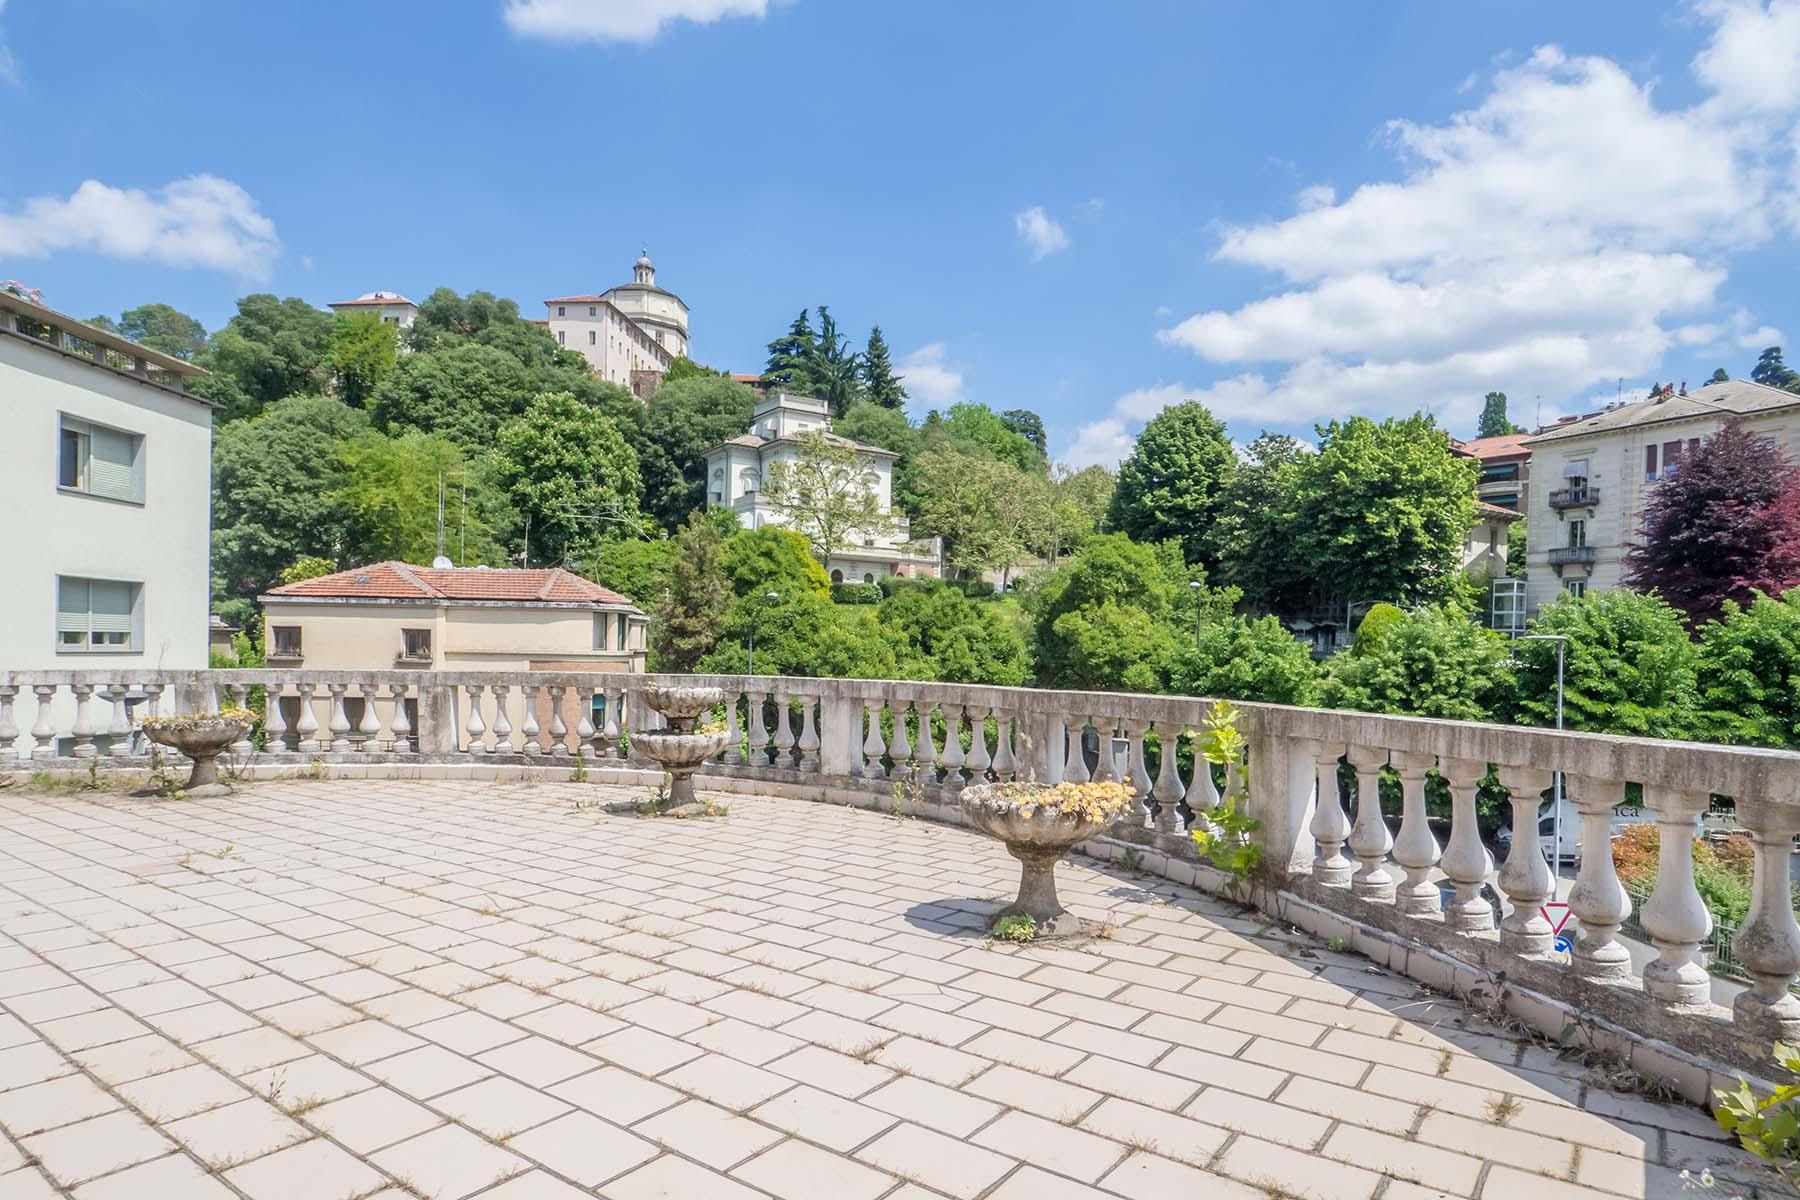 Attico in Vendita a Torino: 5 locali, 200 mq - Foto 2